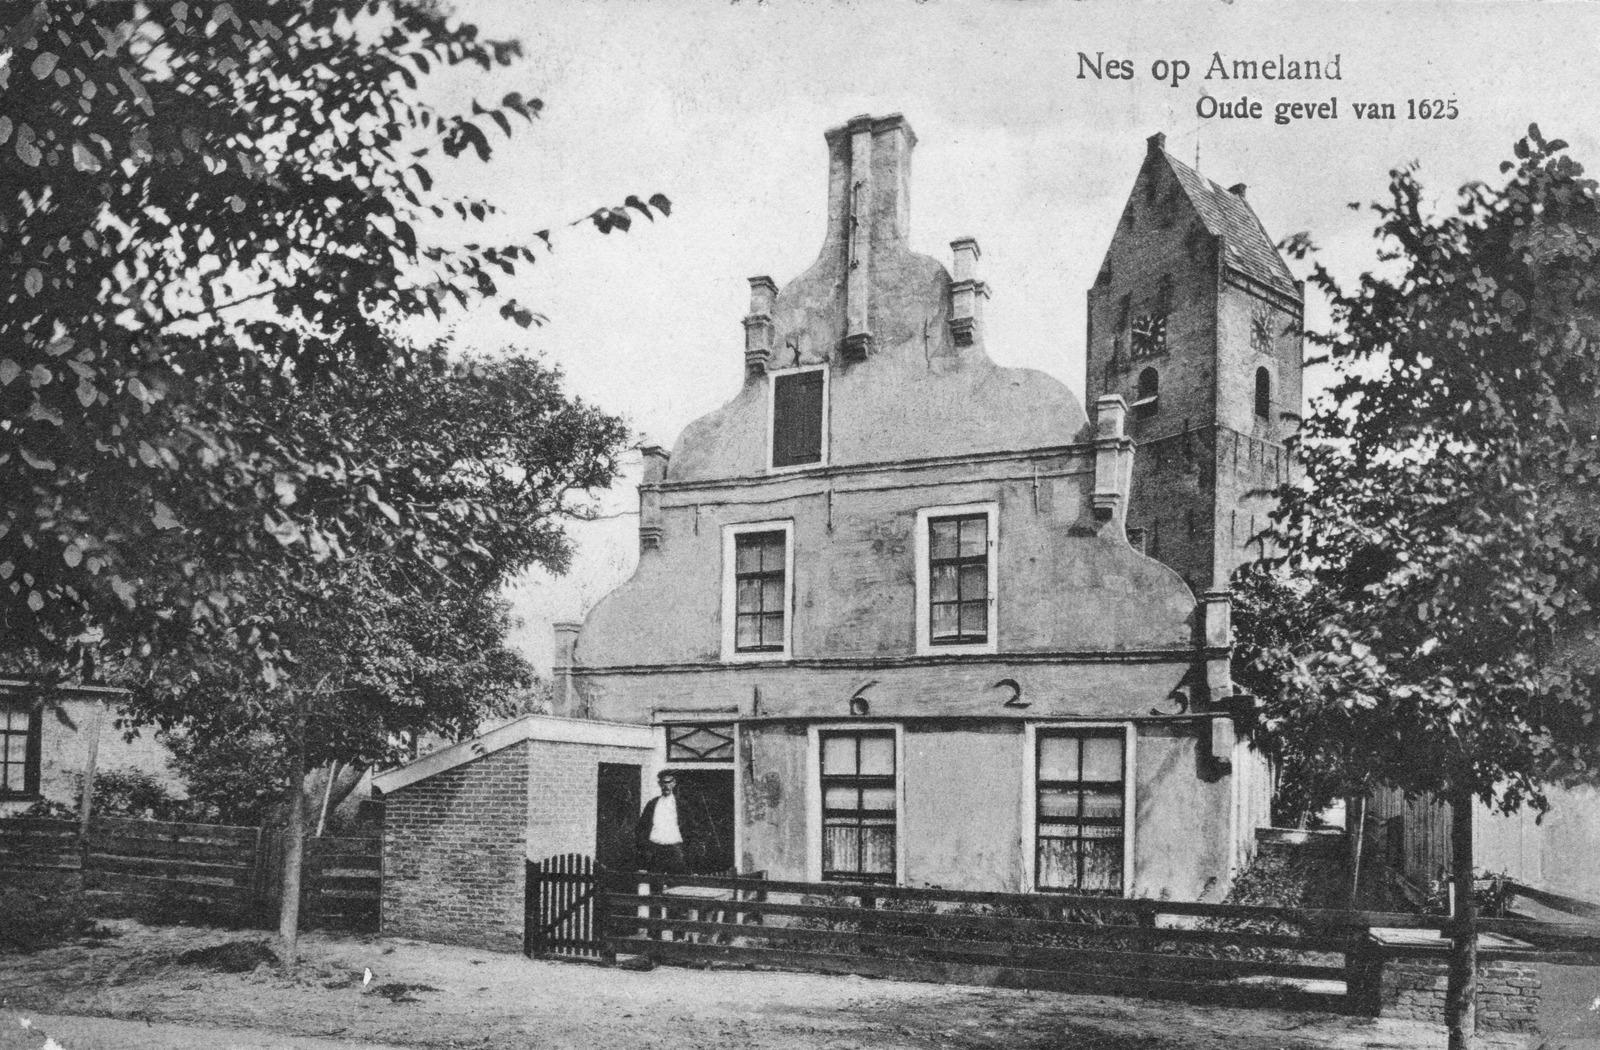 Nes op ameland oude gevel van 1625 - Oude huis gevel ...